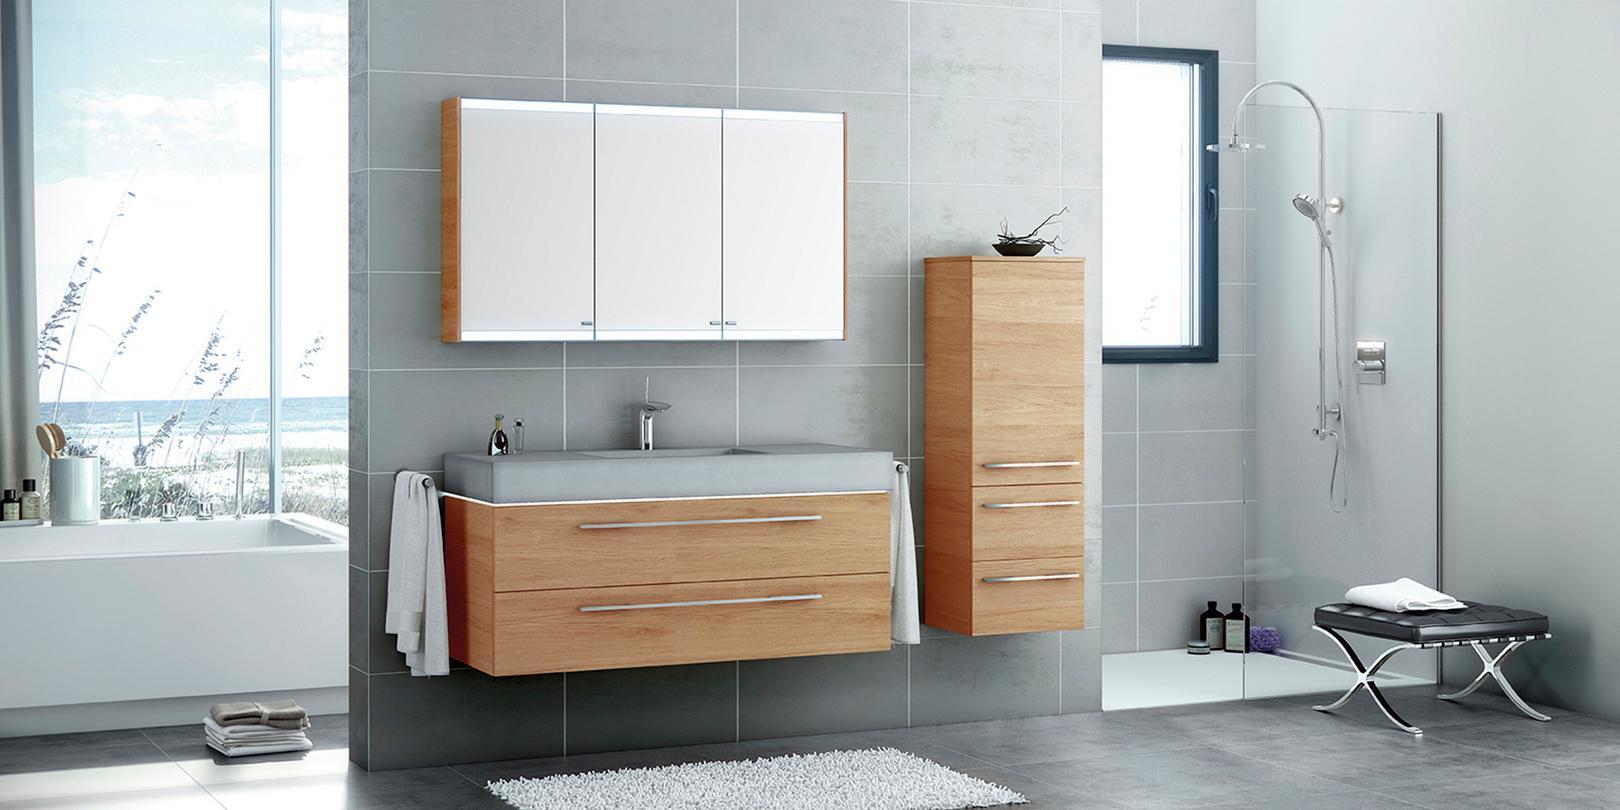 badezimmerschrank bilder ideen couchstyle. Black Bedroom Furniture Sets. Home Design Ideas